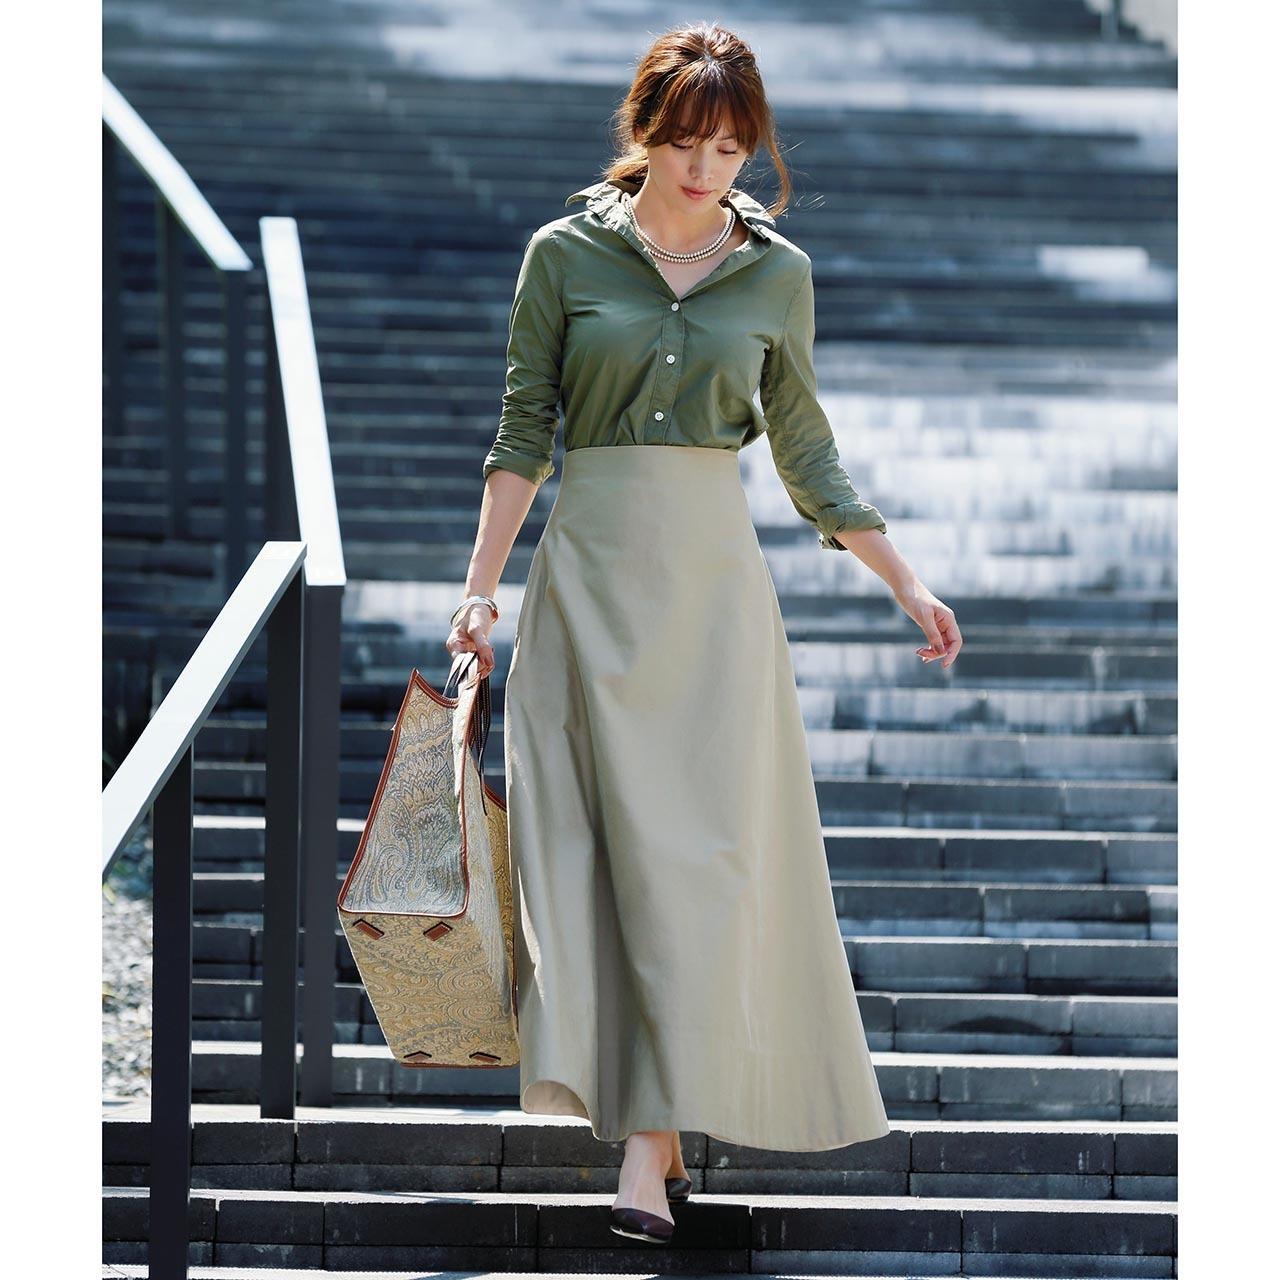 カーキシャツ×スカートのファッションコーデ